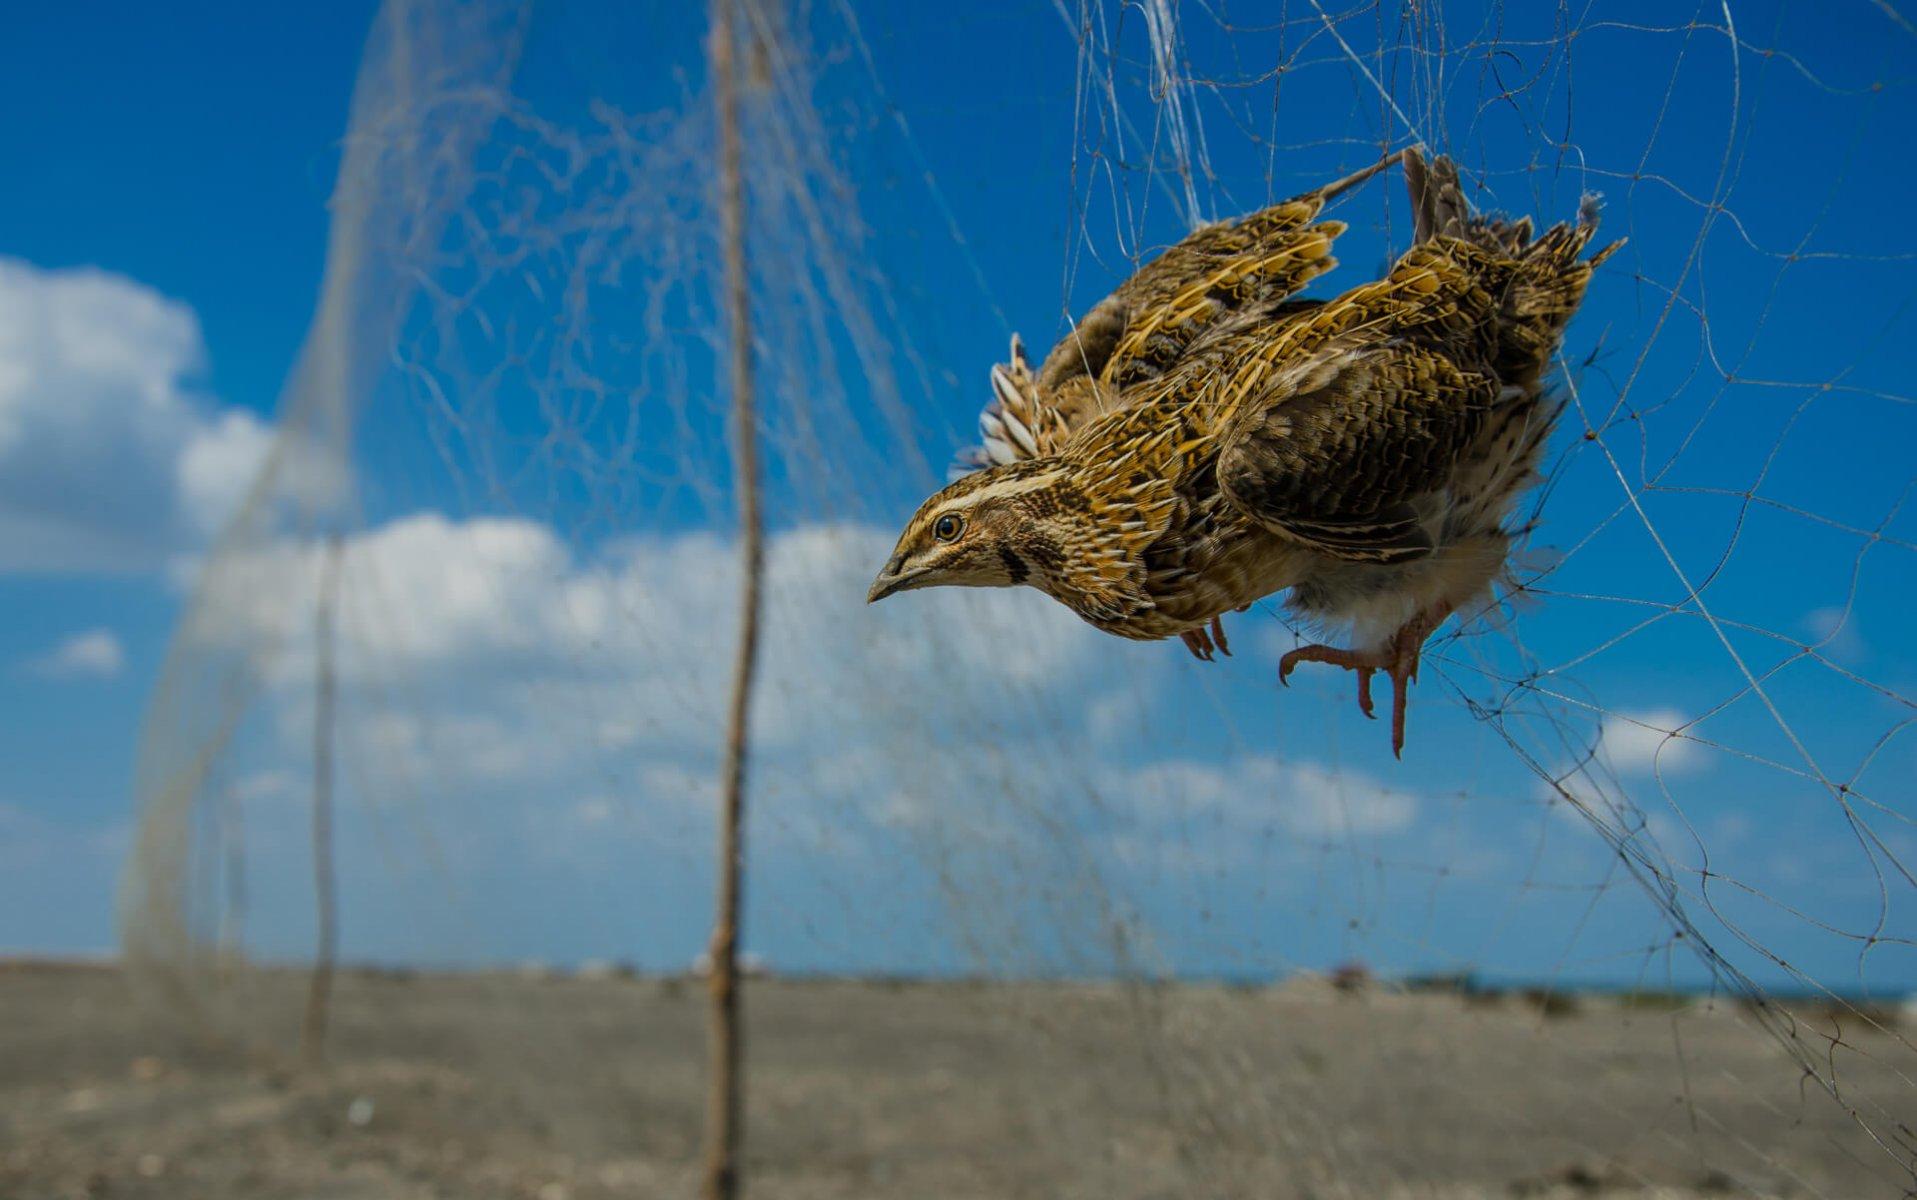 上图:埃及人用网罗非法捕捉鹌鹑。古代中东人用网罗来捕鸟,一直沿用至今。现代法律规定了网罗的尺寸、位置和时间。